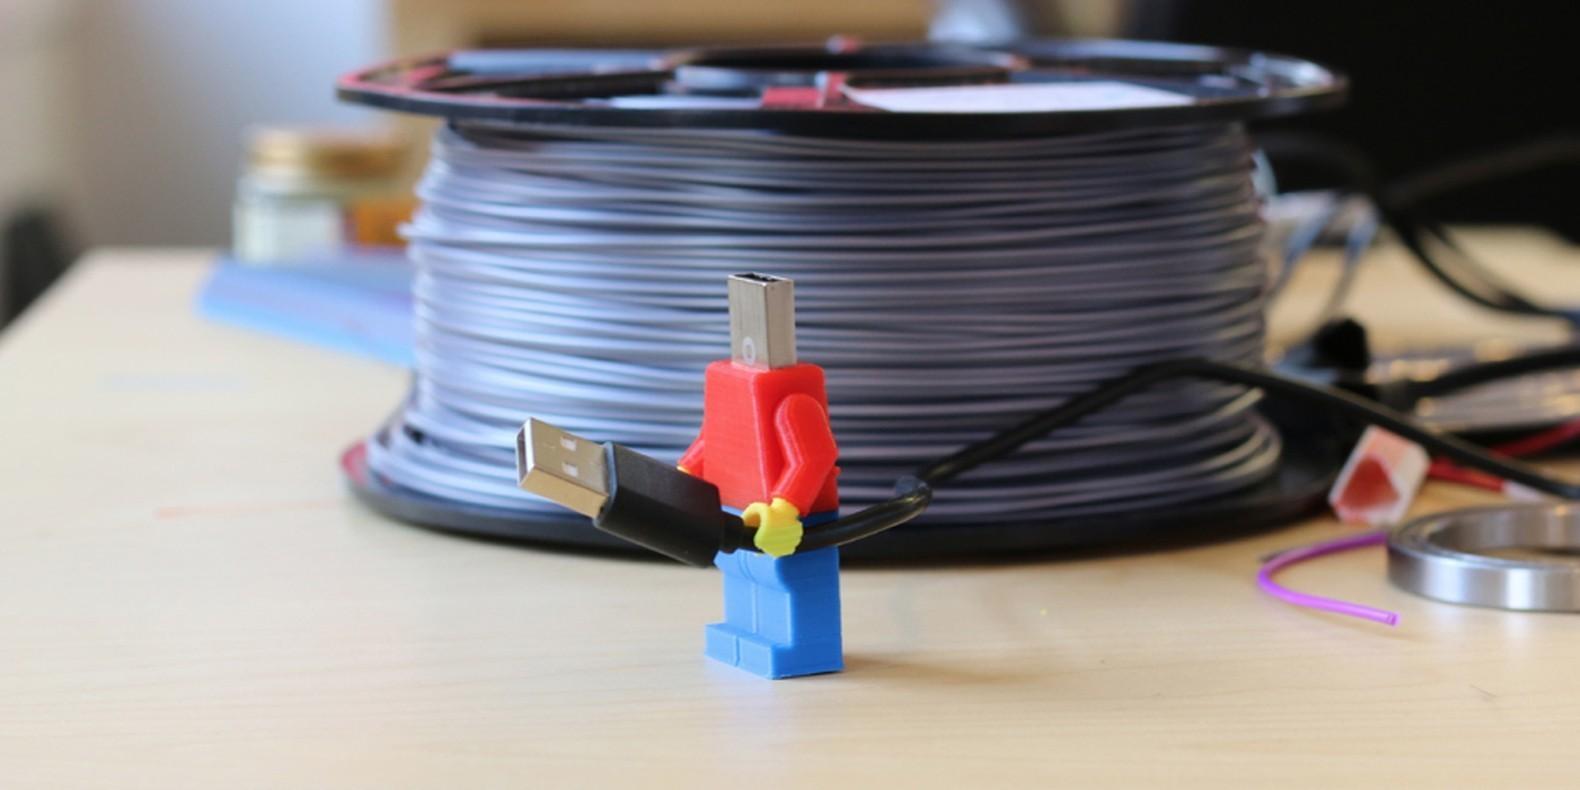 Encuentra aquí una selección de los mejores modelos 3D de Lego imprimibles 3D